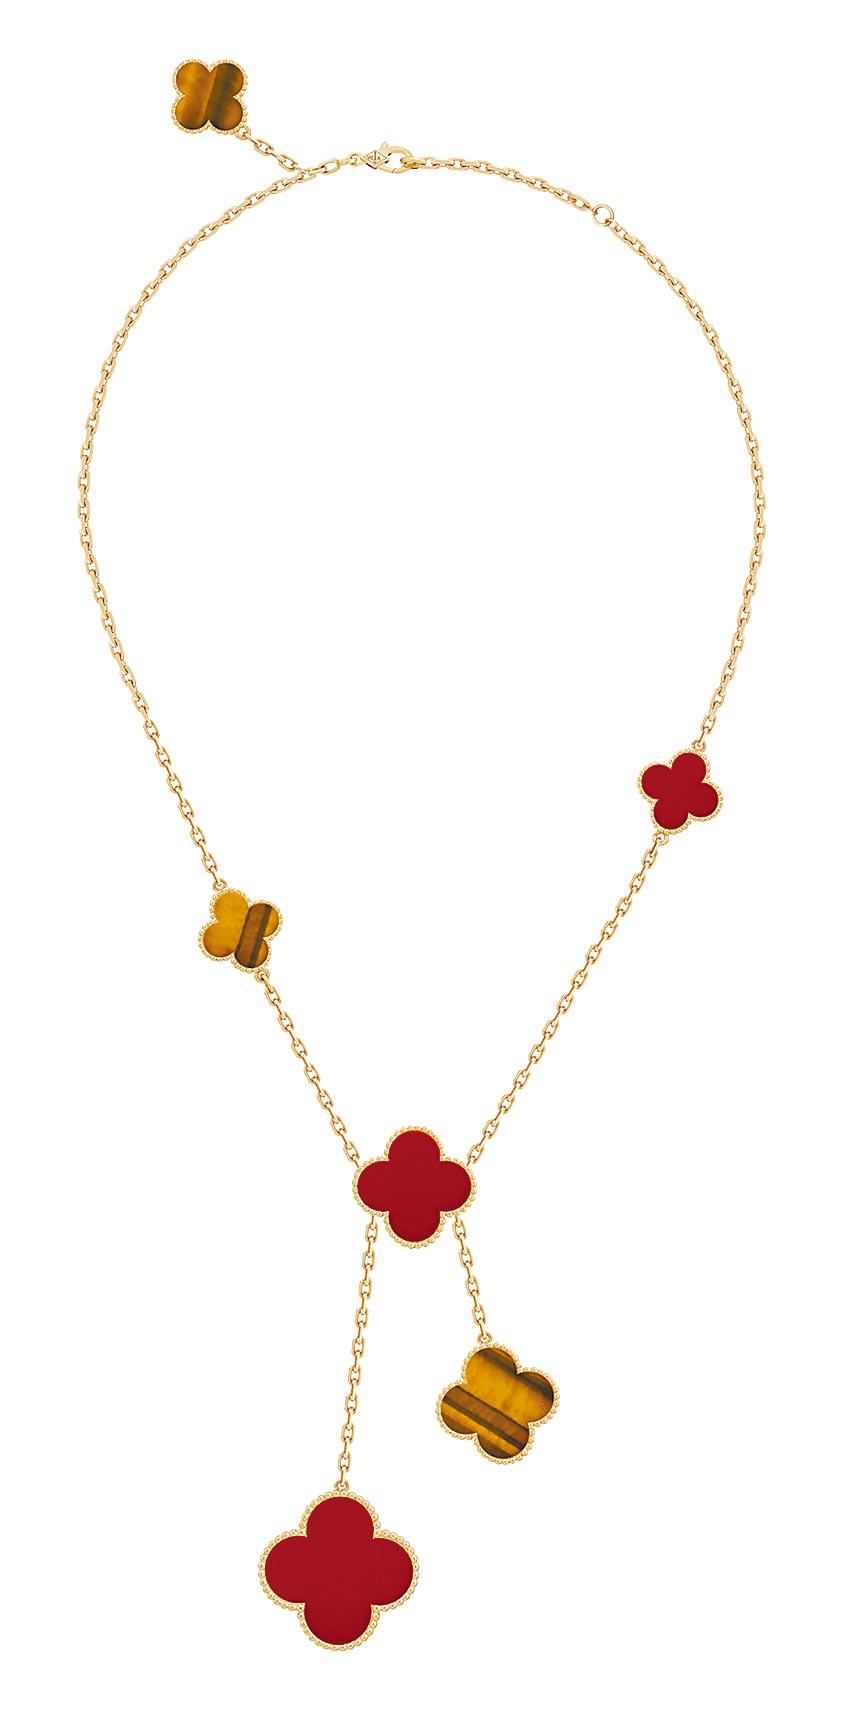 梵克雅寶Magic Alhambra項鍊,6枚墜飾,黃K金、虎眼石、紅玉髓,32萬2000元。(Van Cleef & Arpels提供)